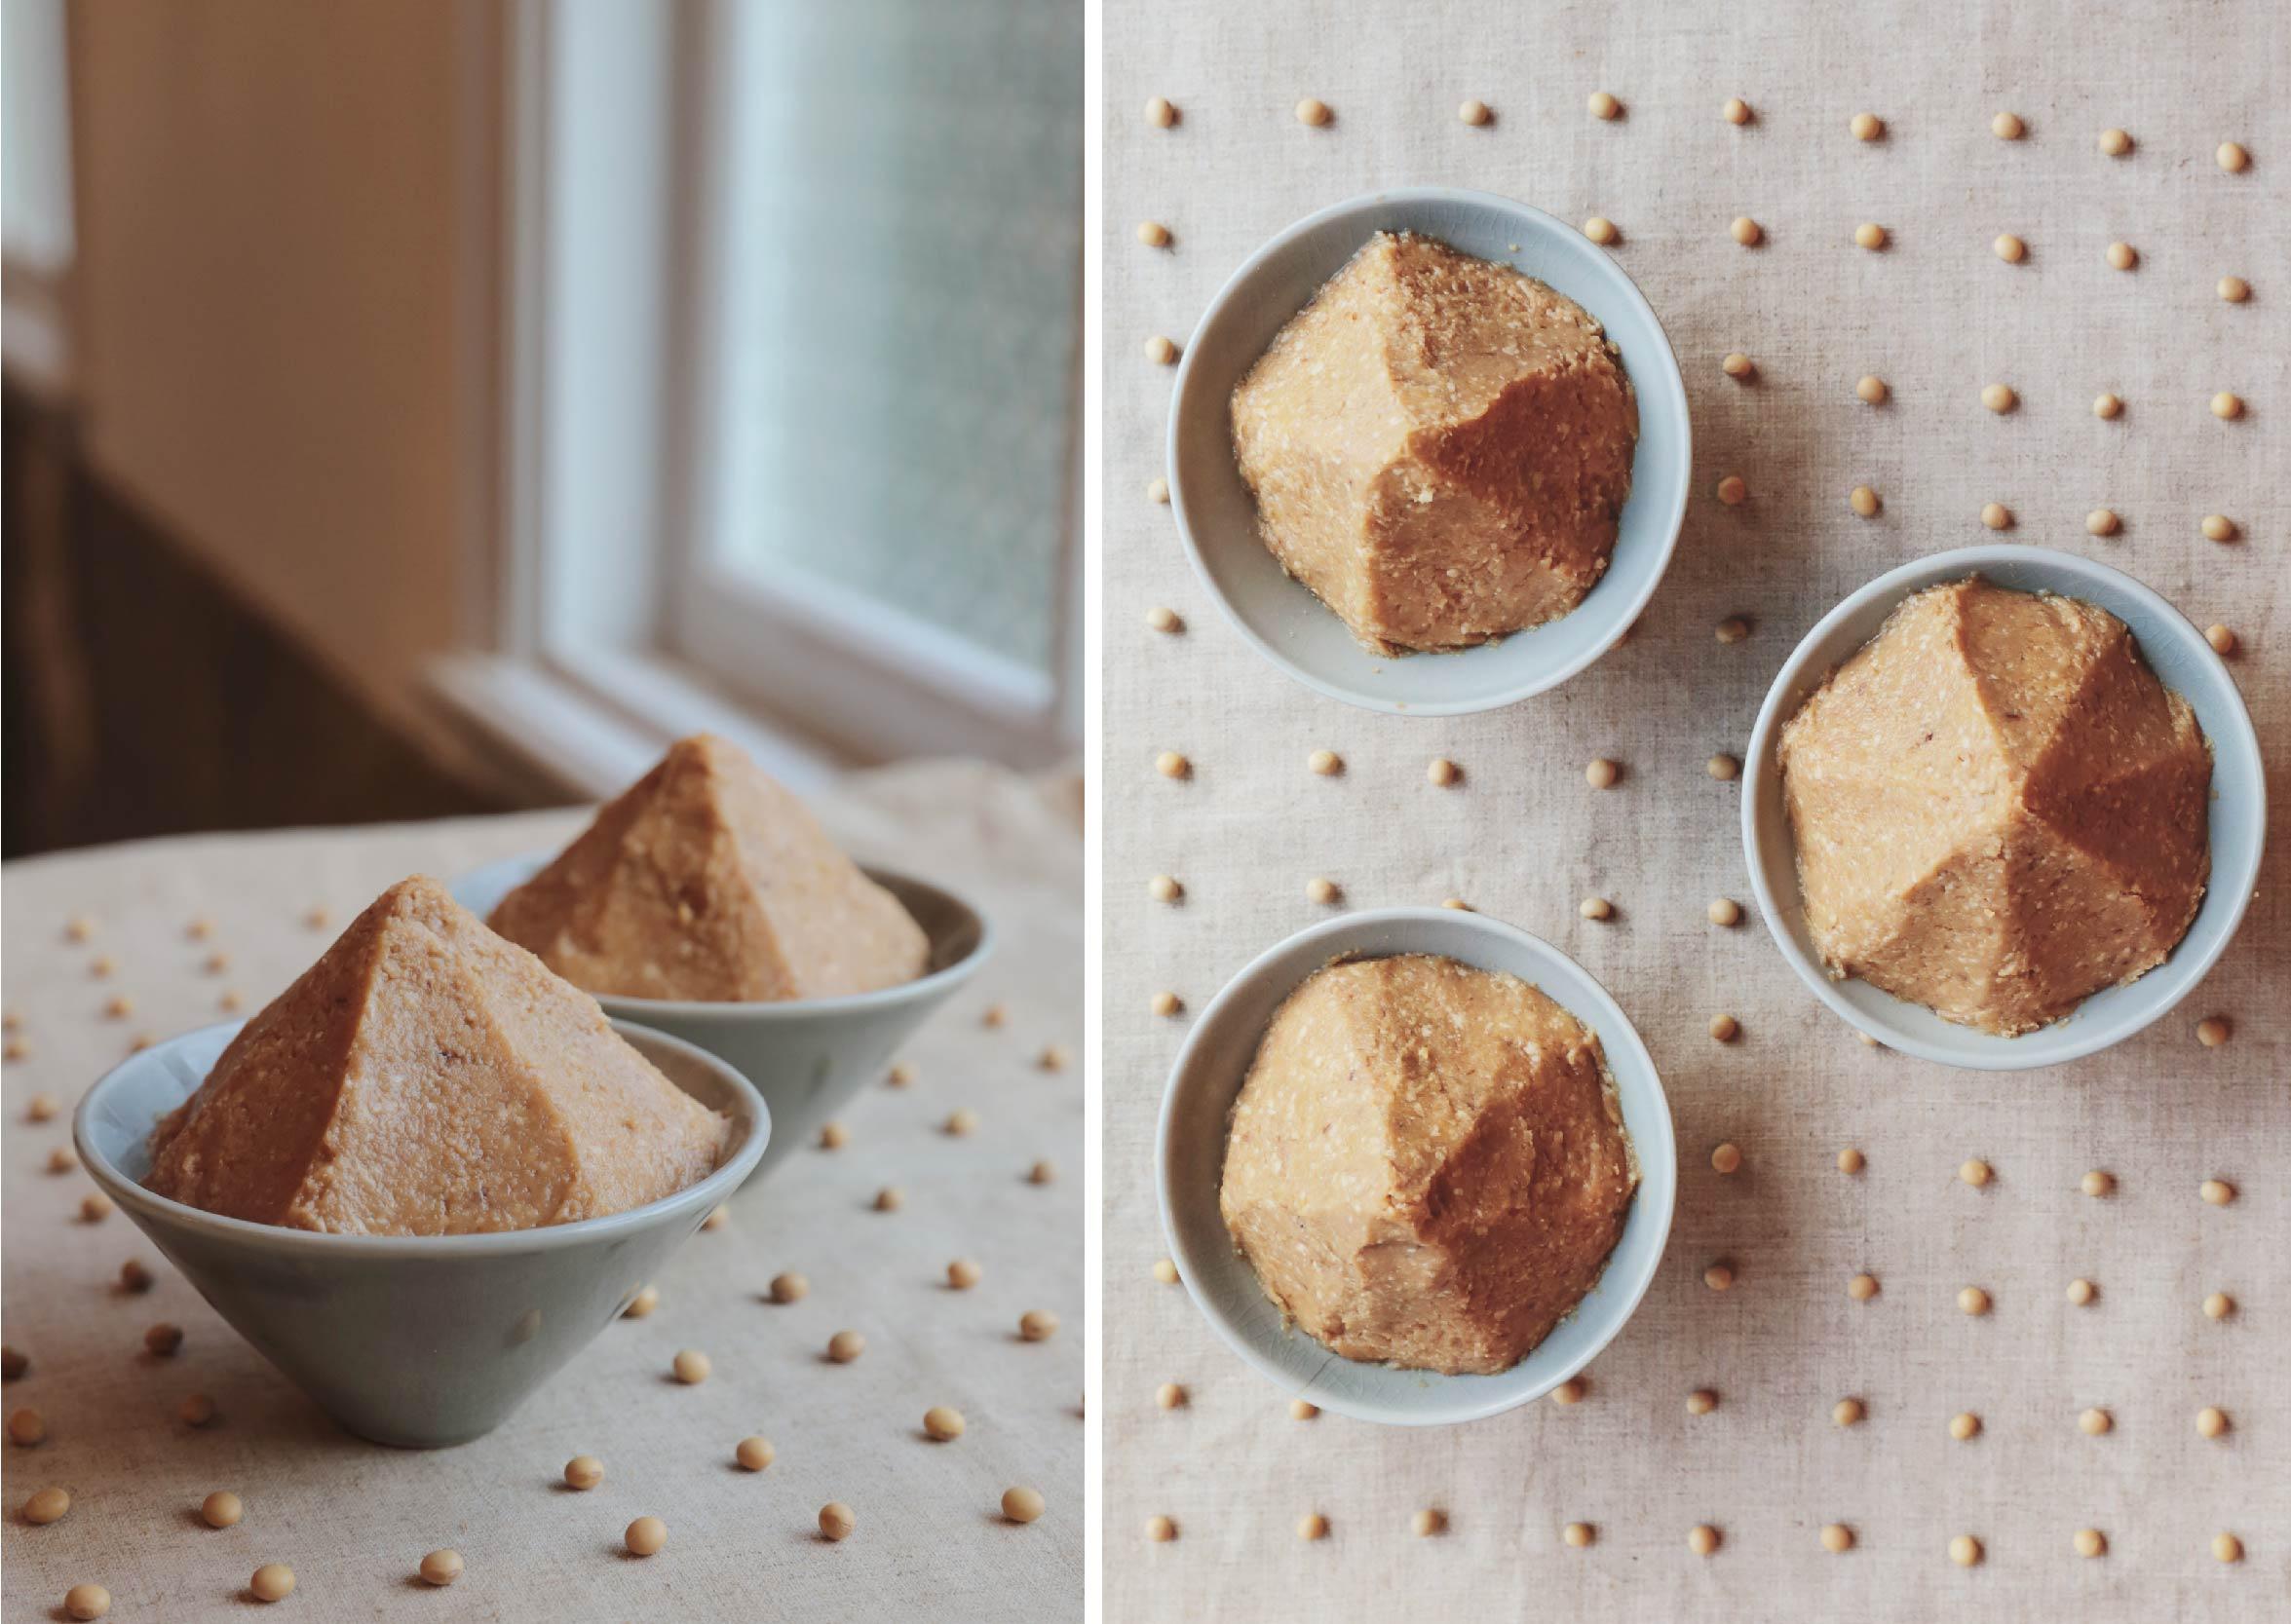 手作木桶封存  將米麴、黃豆、鹽巴,封存在三峽老師傅的手工木桶中,並讓益菌自然生成風味,不額外添加任何化學原料。 | 禾乃川國產豆製所 | 改變生命的豆漿店